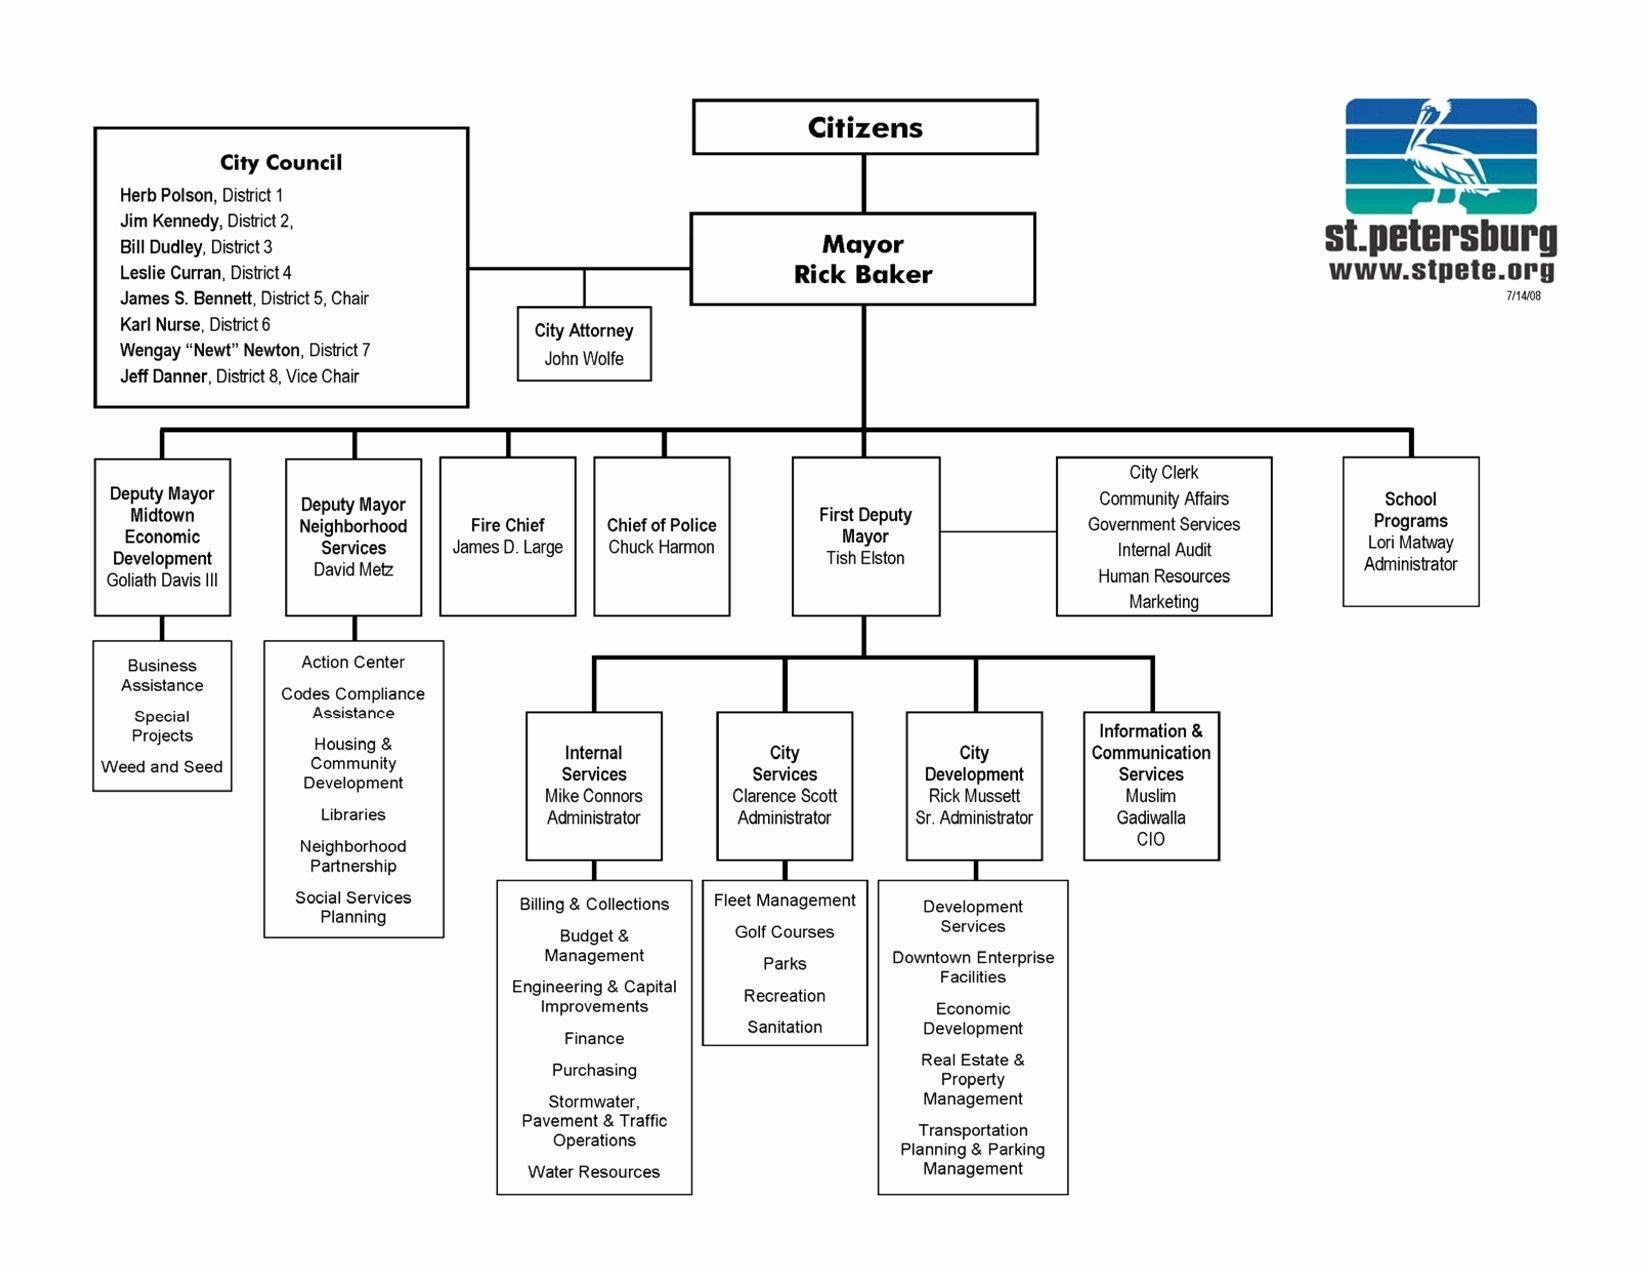 Unique Microsoft Organization Chart Templates Xls Xlsformat Xlstemplates Xlstemplate Organizational Chart Template Flow Chart Template Org Chart Organizational chart template for word